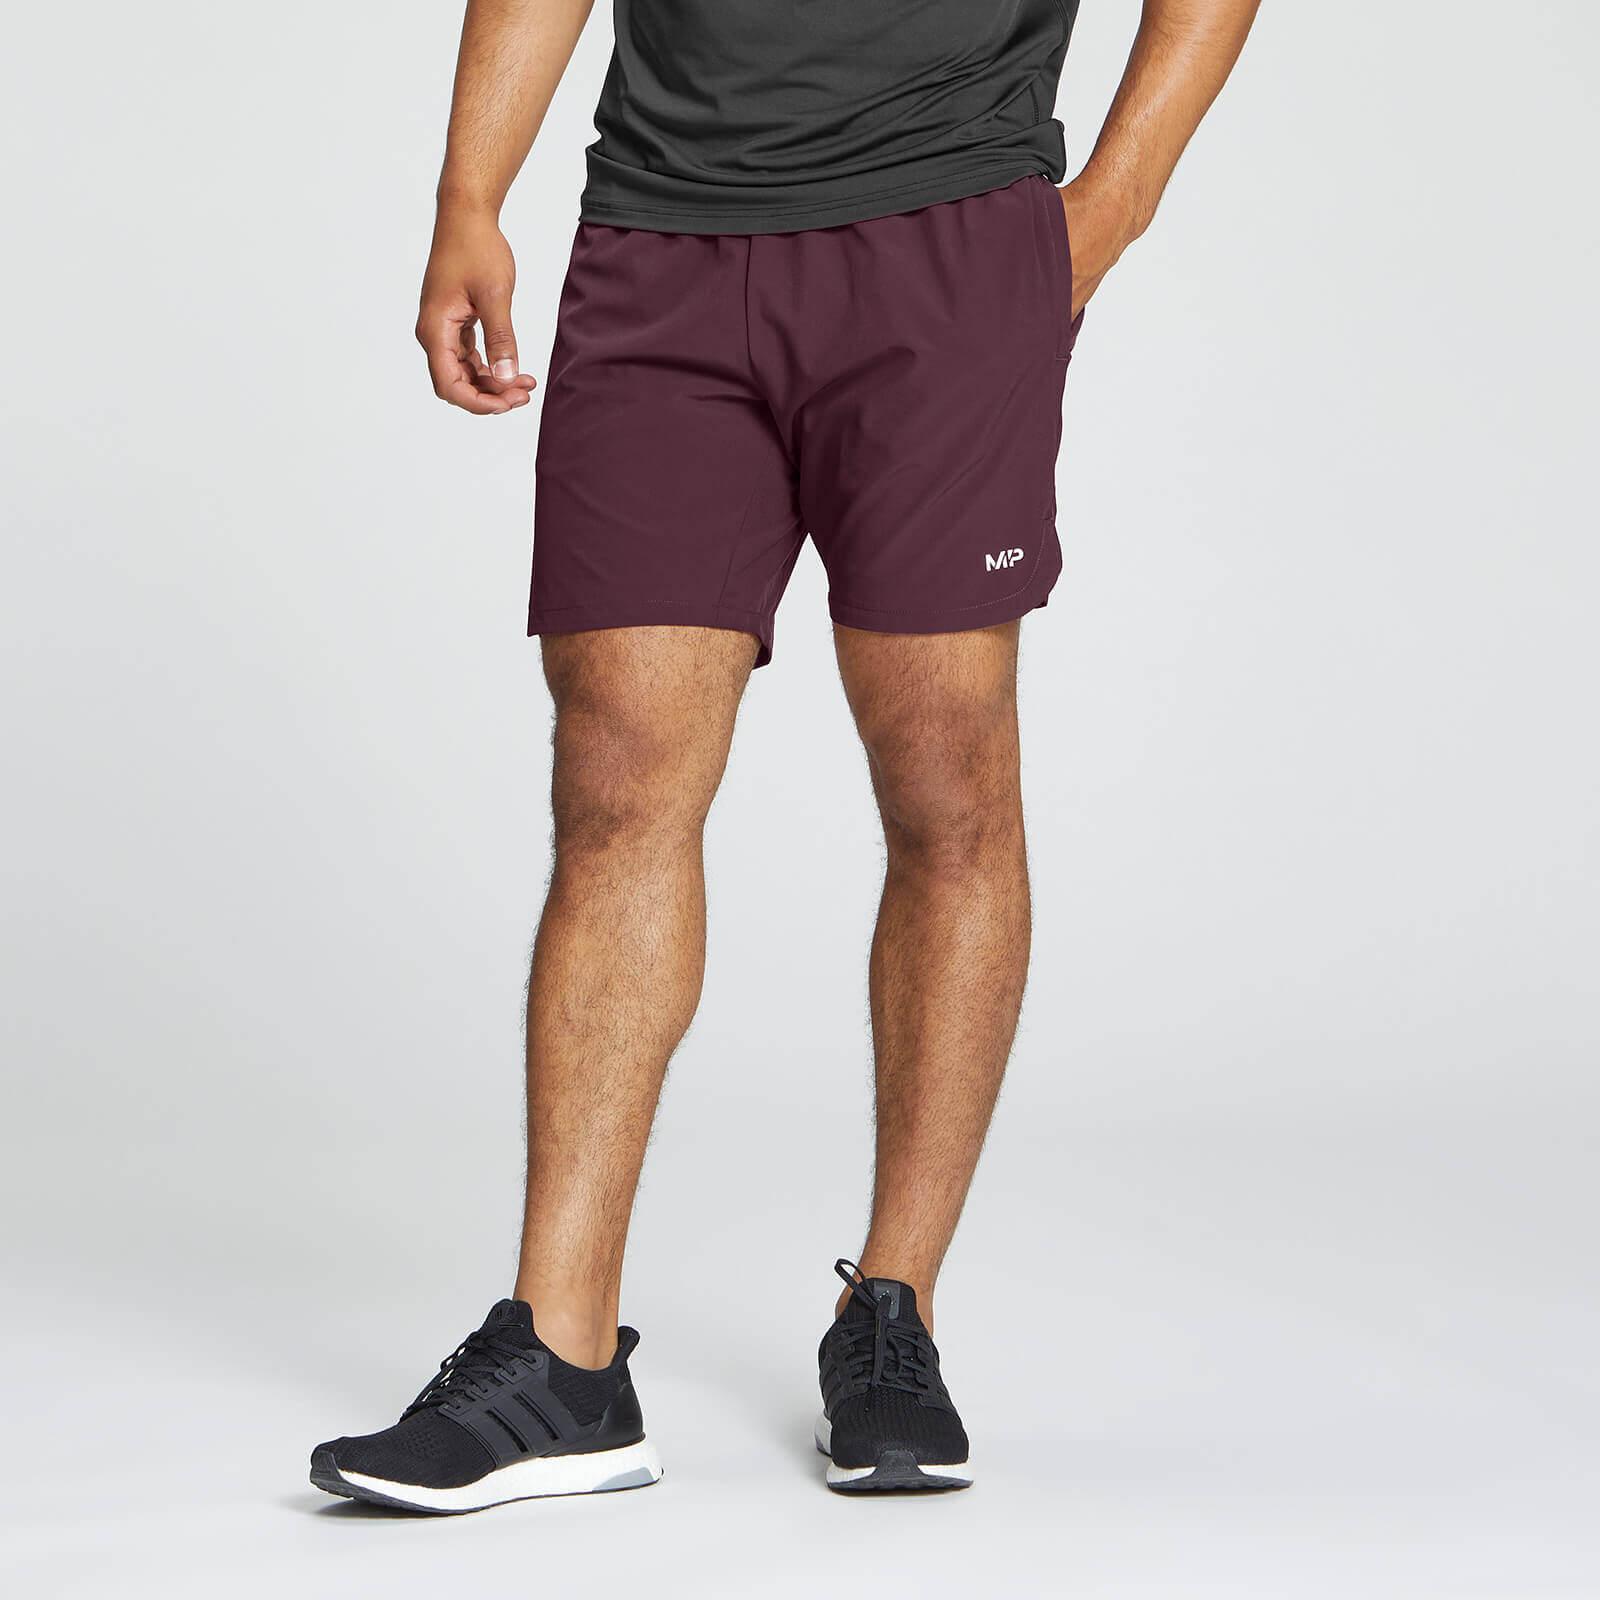 Мужские спортивные шорты MP Essentials 2 в 1 - XXL, Myprotein International  - купить со скидкой